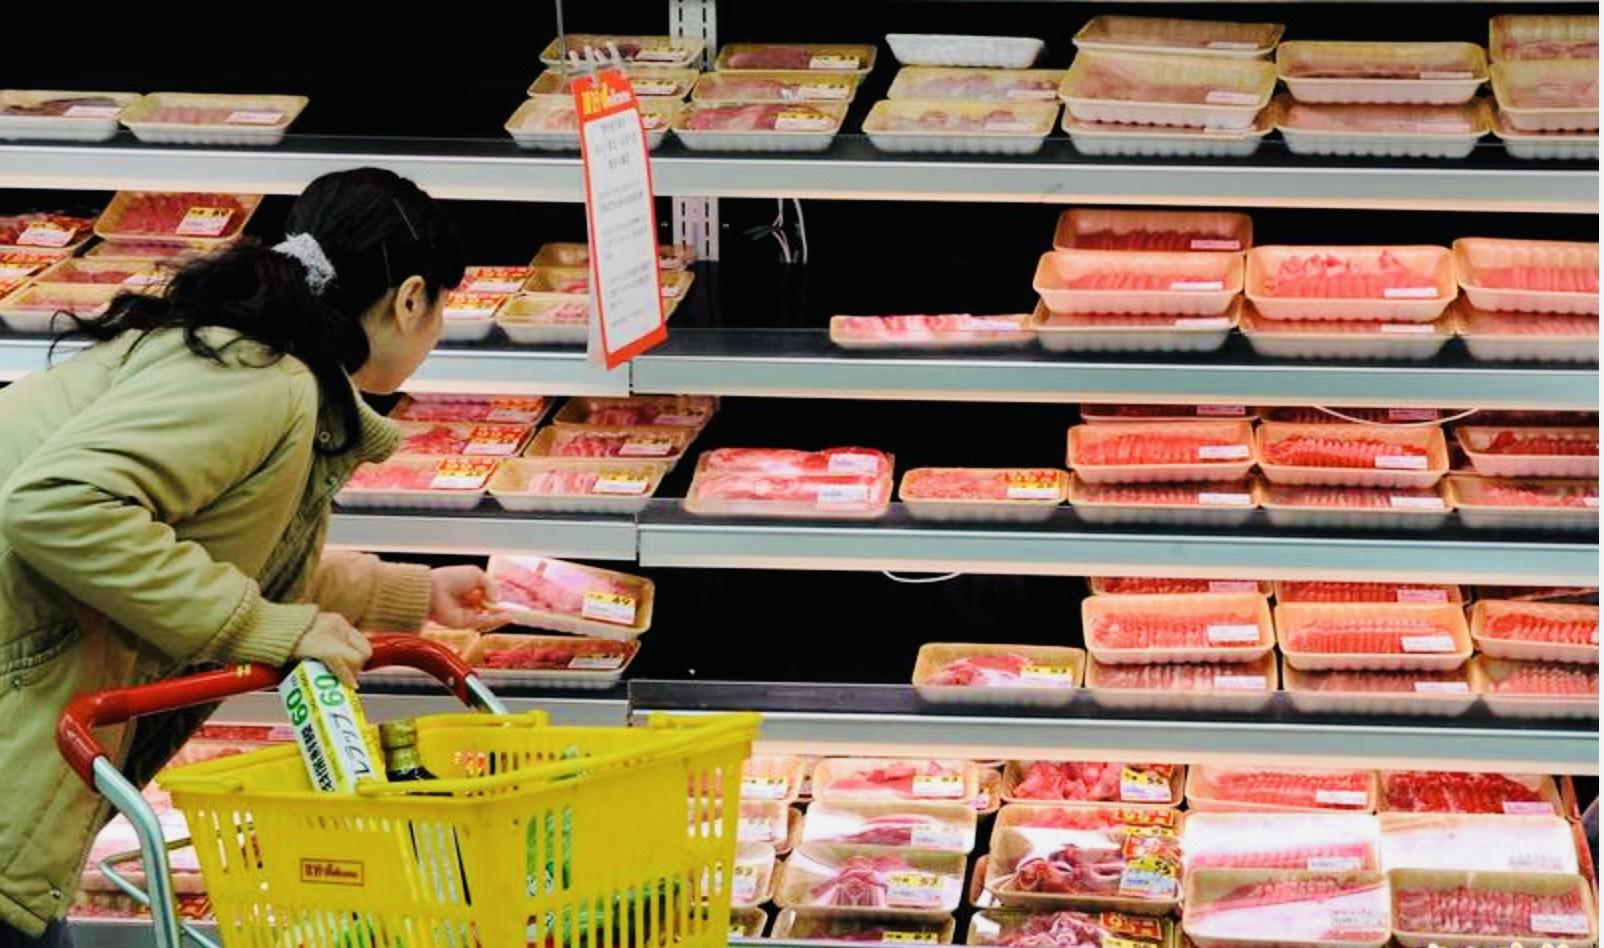 台湾民众在超市选购肉品